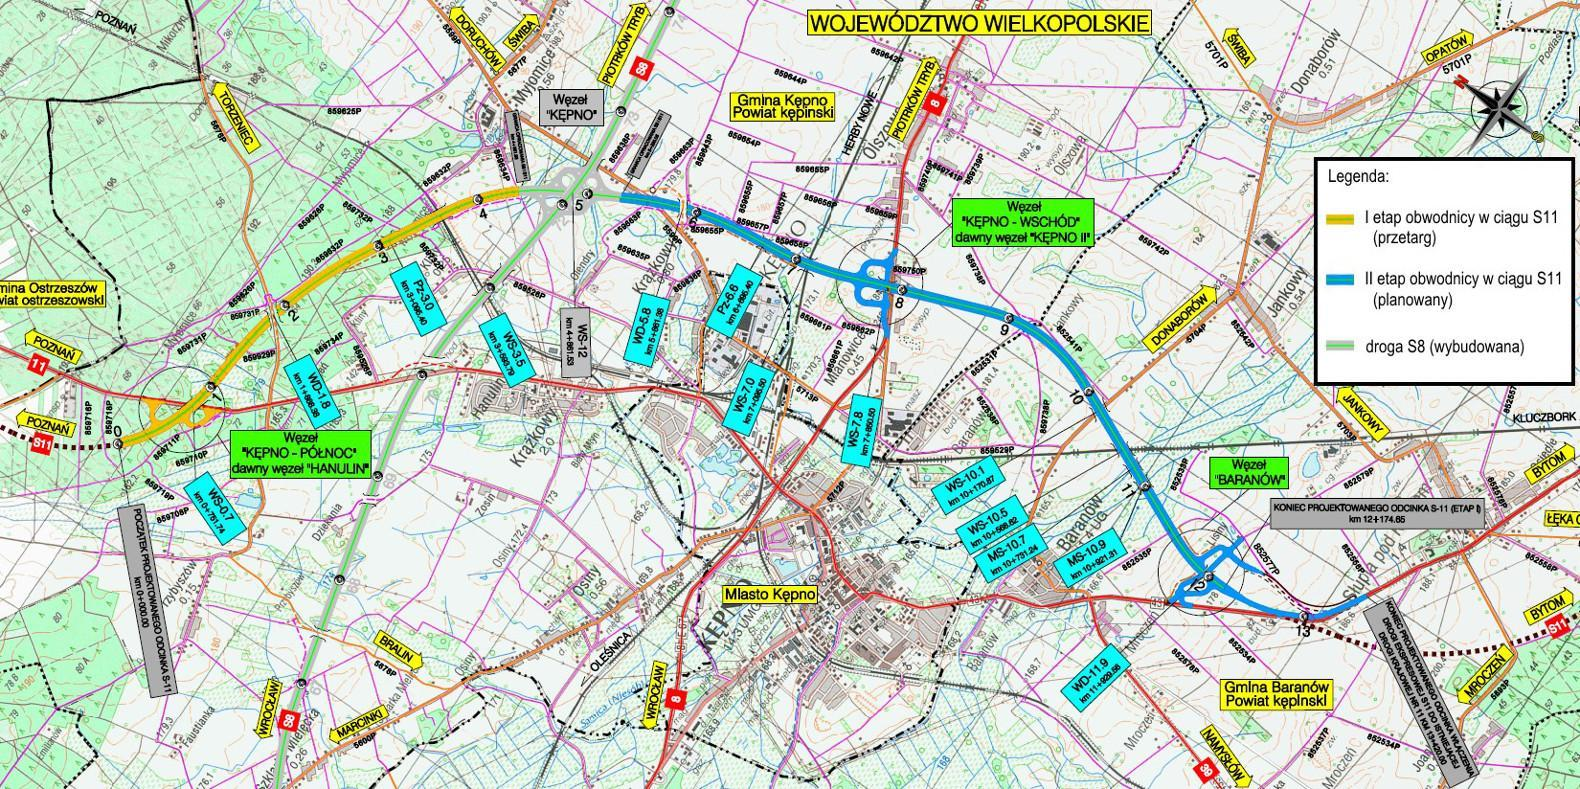 Mapa obwodnicy Kępna w ciągu drogi ekspresowej S11